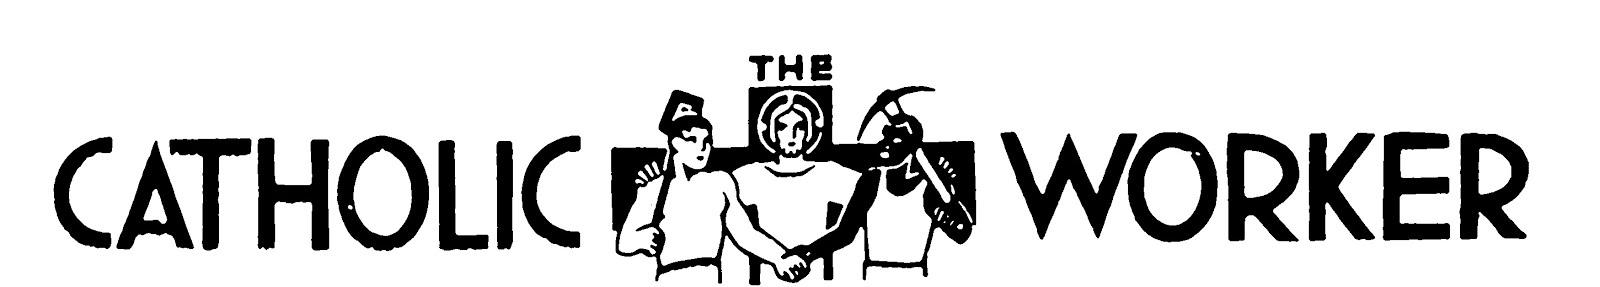 The Catholic Worker